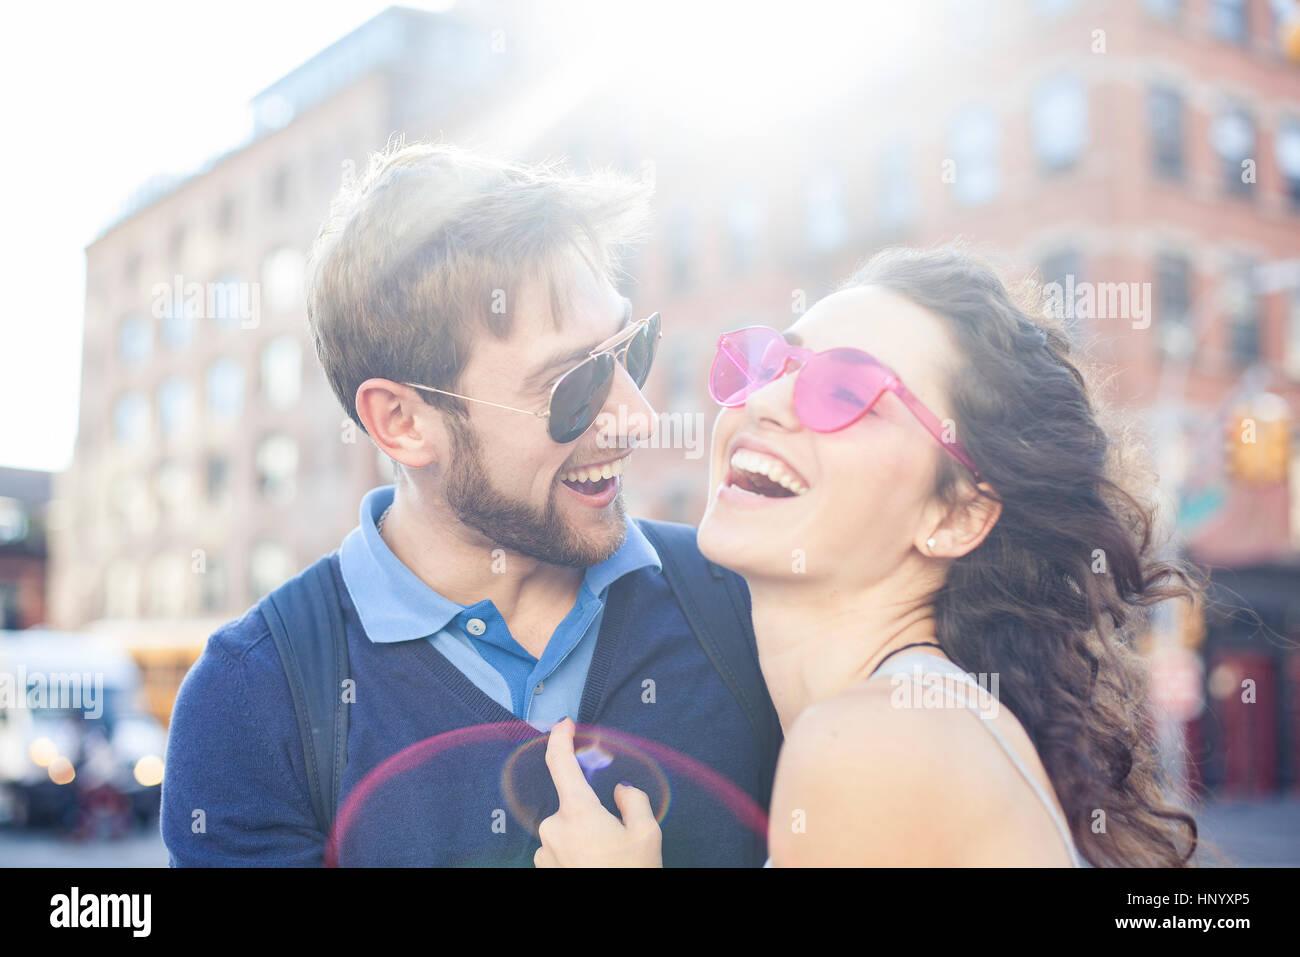 Paar lachen zusammen im freien Stockfoto